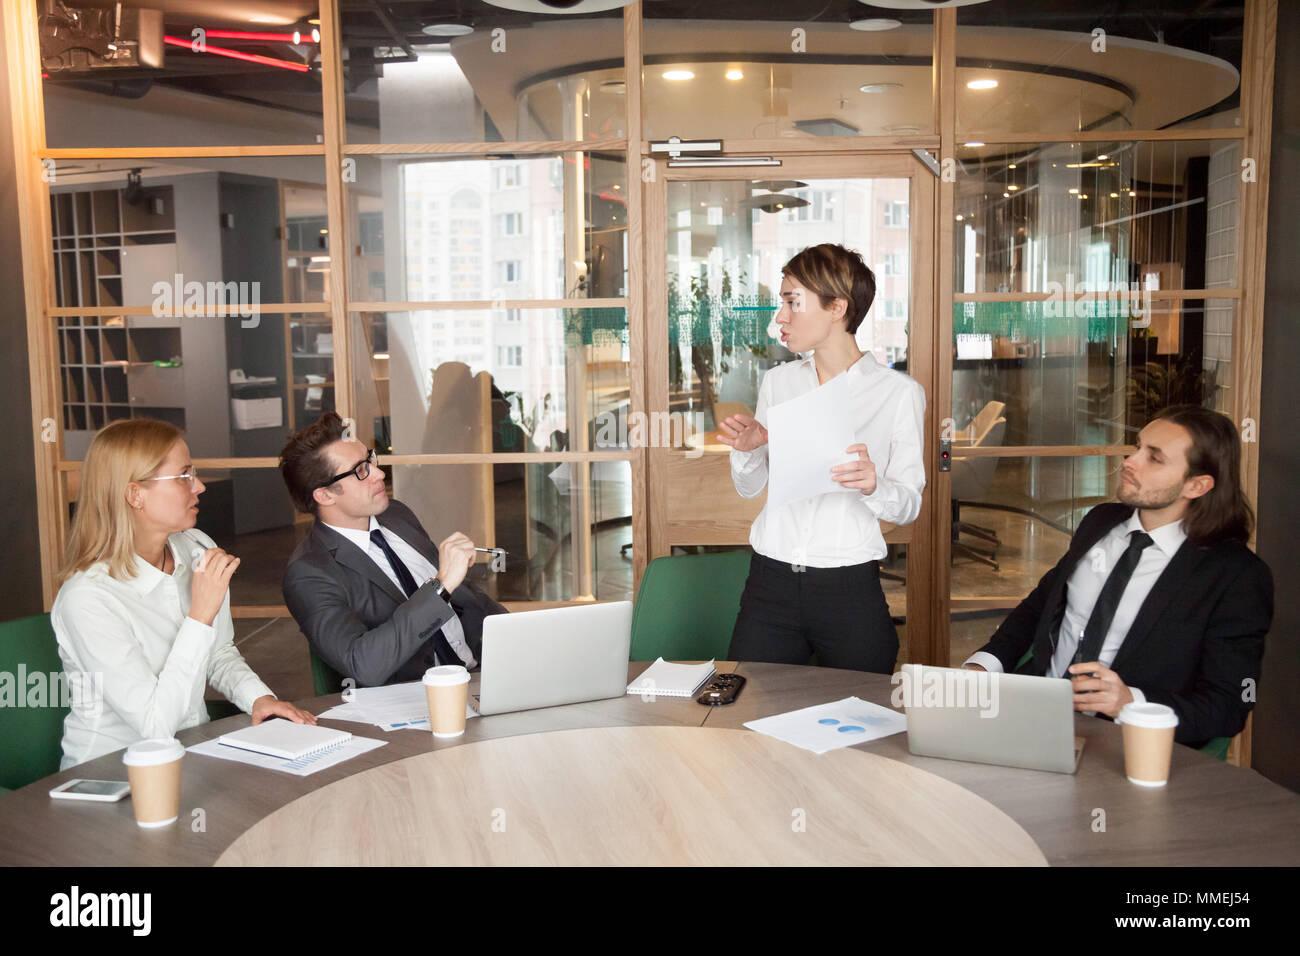 La empresaria presentando el documento o hablando acerca de negocios res Imagen De Stock